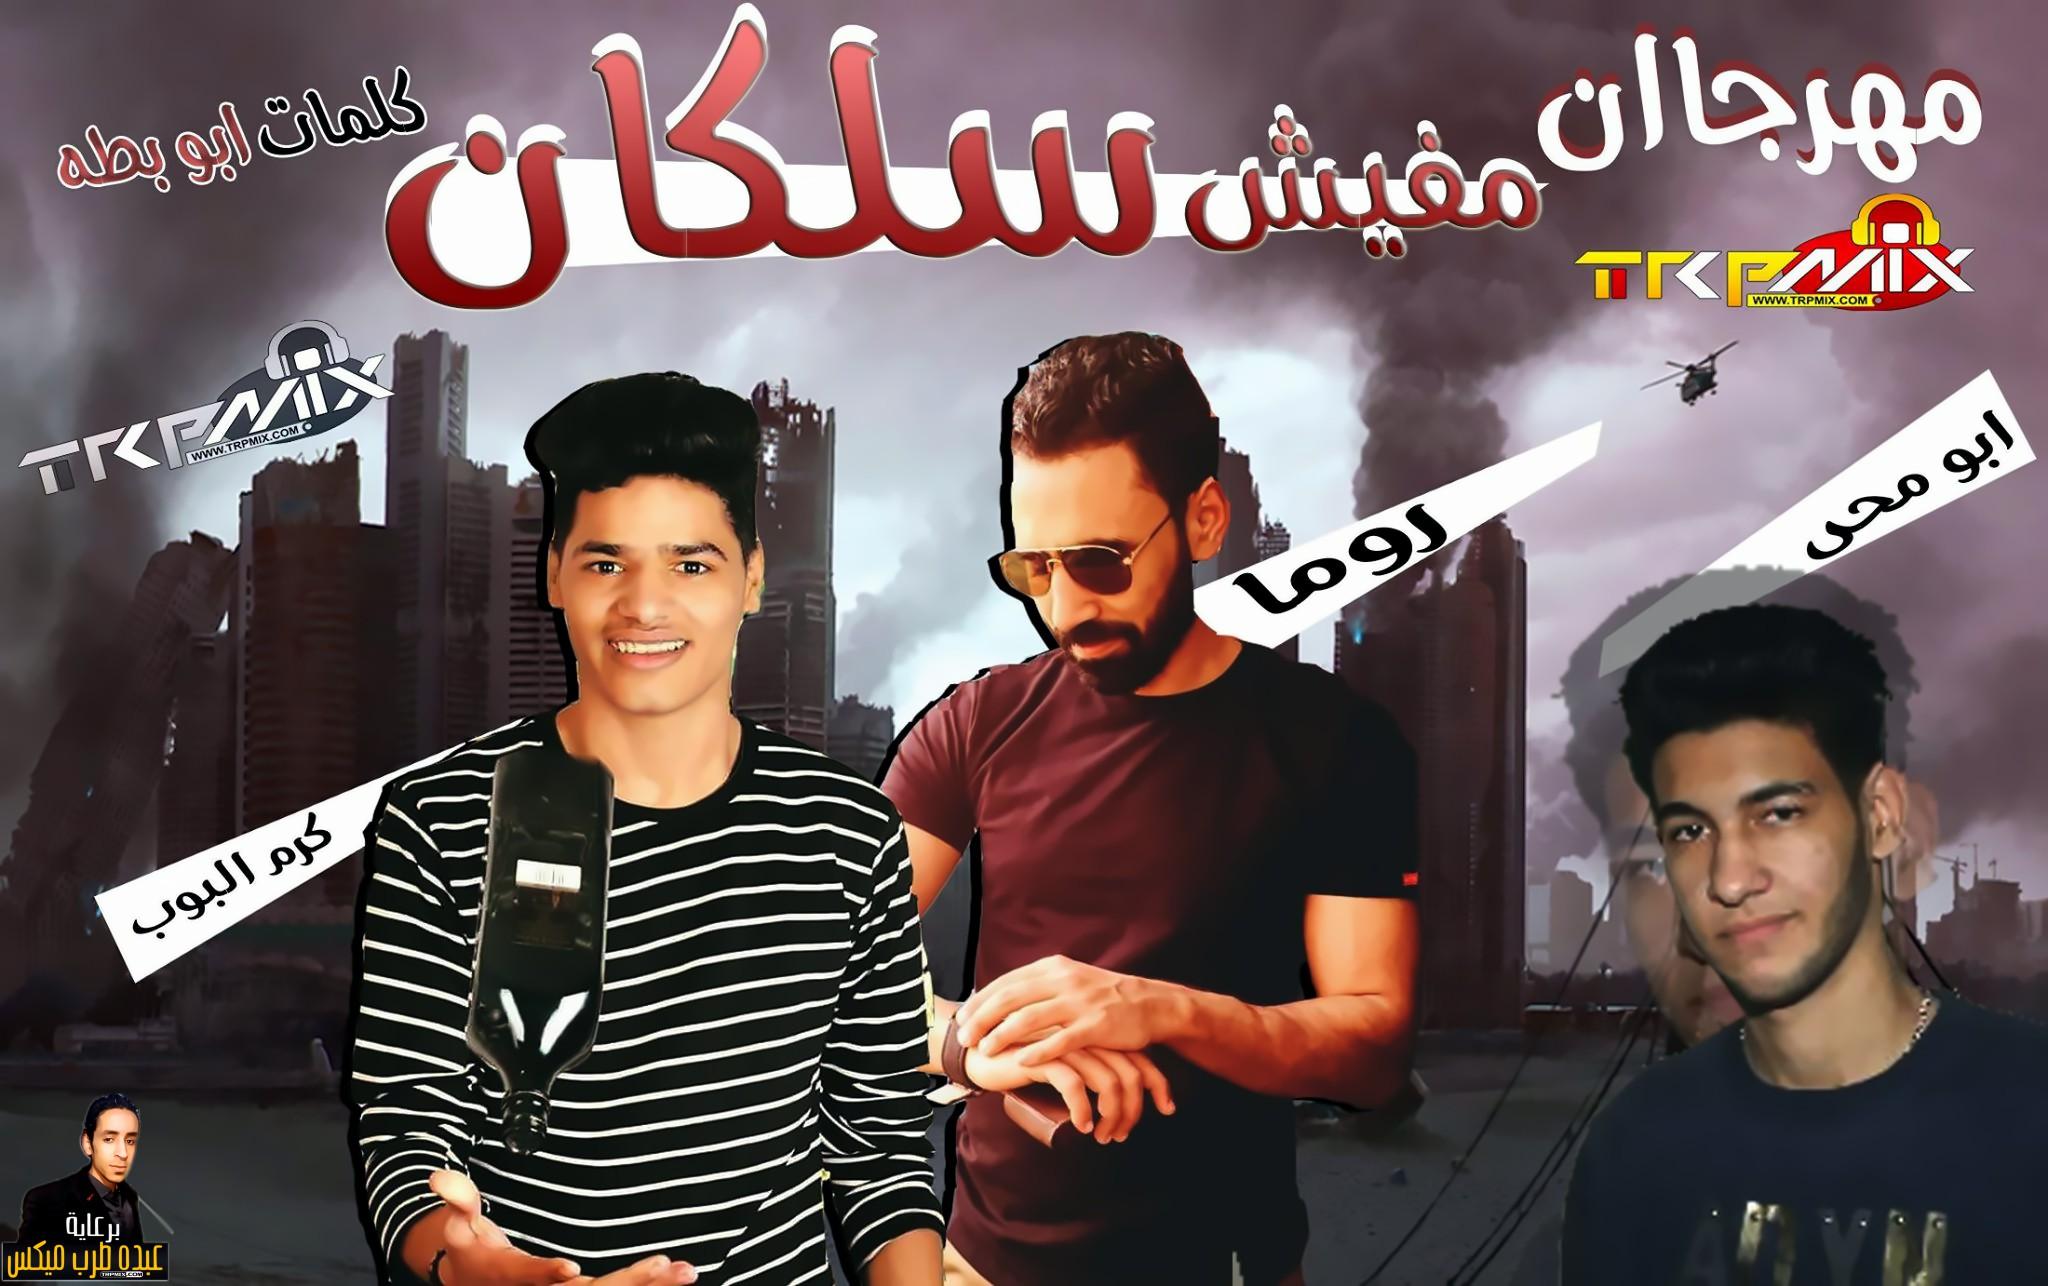 مهرجان مفيش سلكان 2019 - غناء ابو محى و روما توزيع كرم البوب